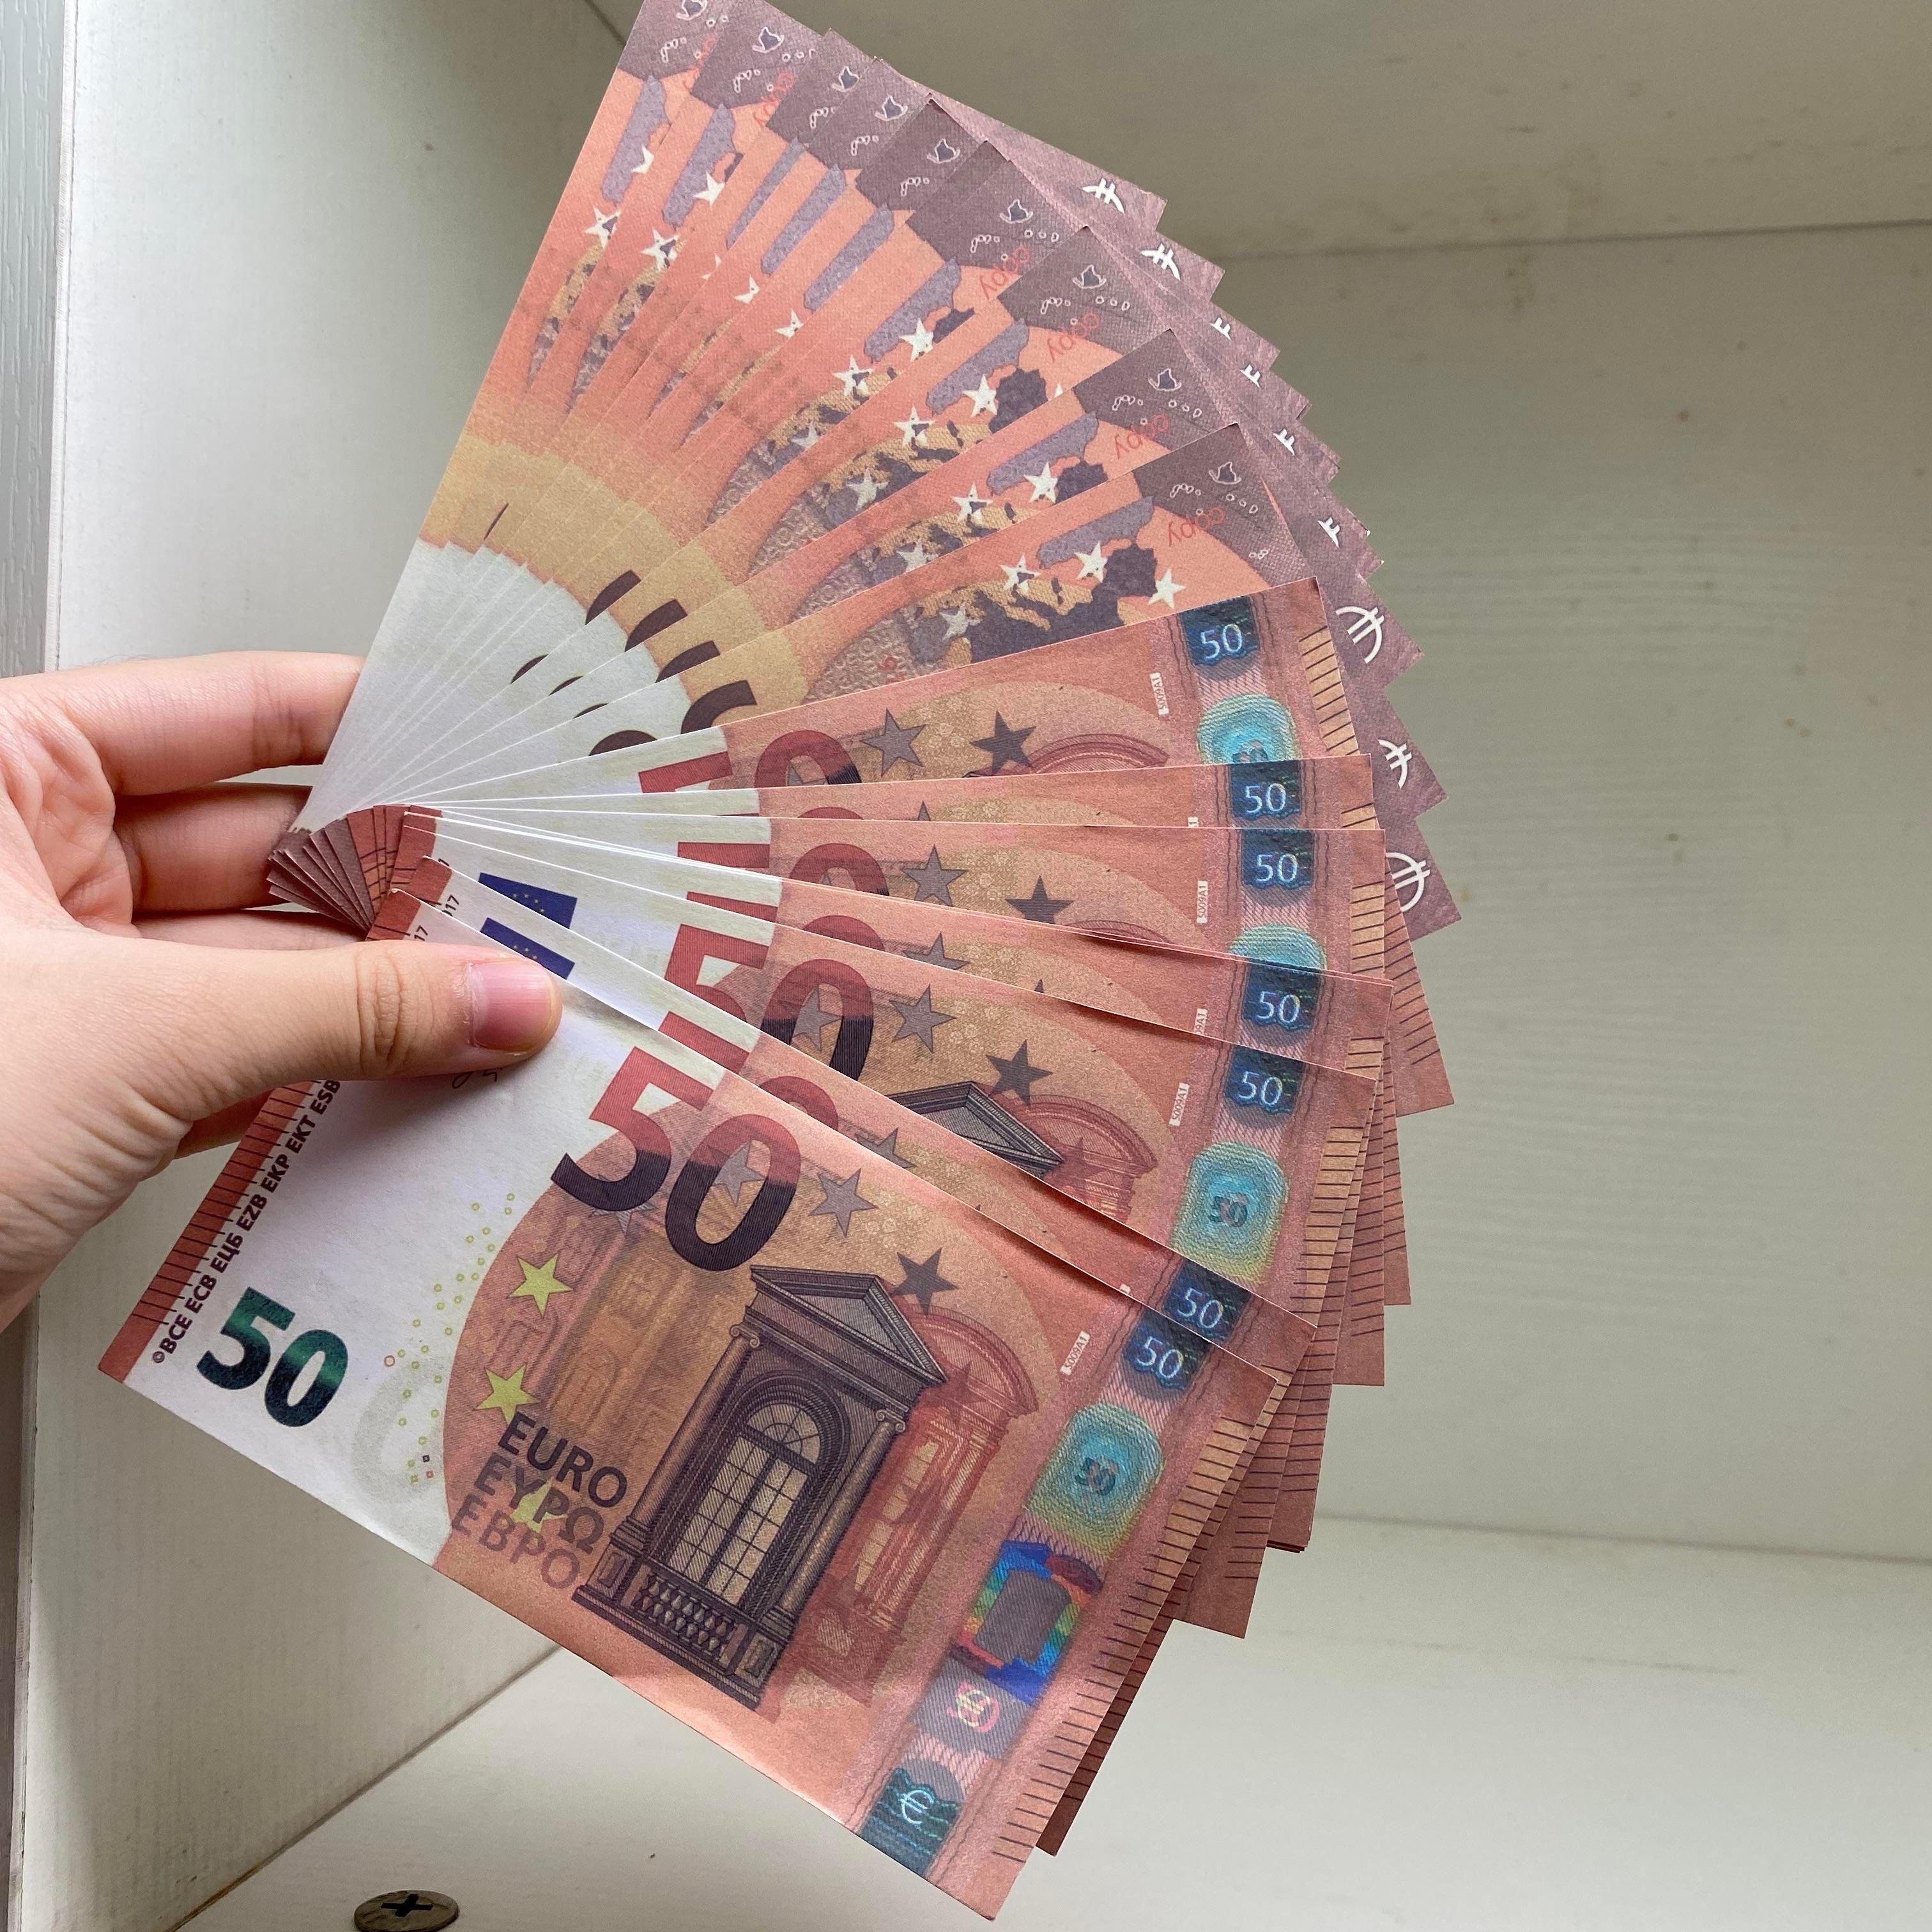 Dinero 100pcs / paquete Billete de billetes Juego de papel realista / Euro / Dólar EE. UU. Copia o niños Most PROP TOYE204 Familia WDEOD